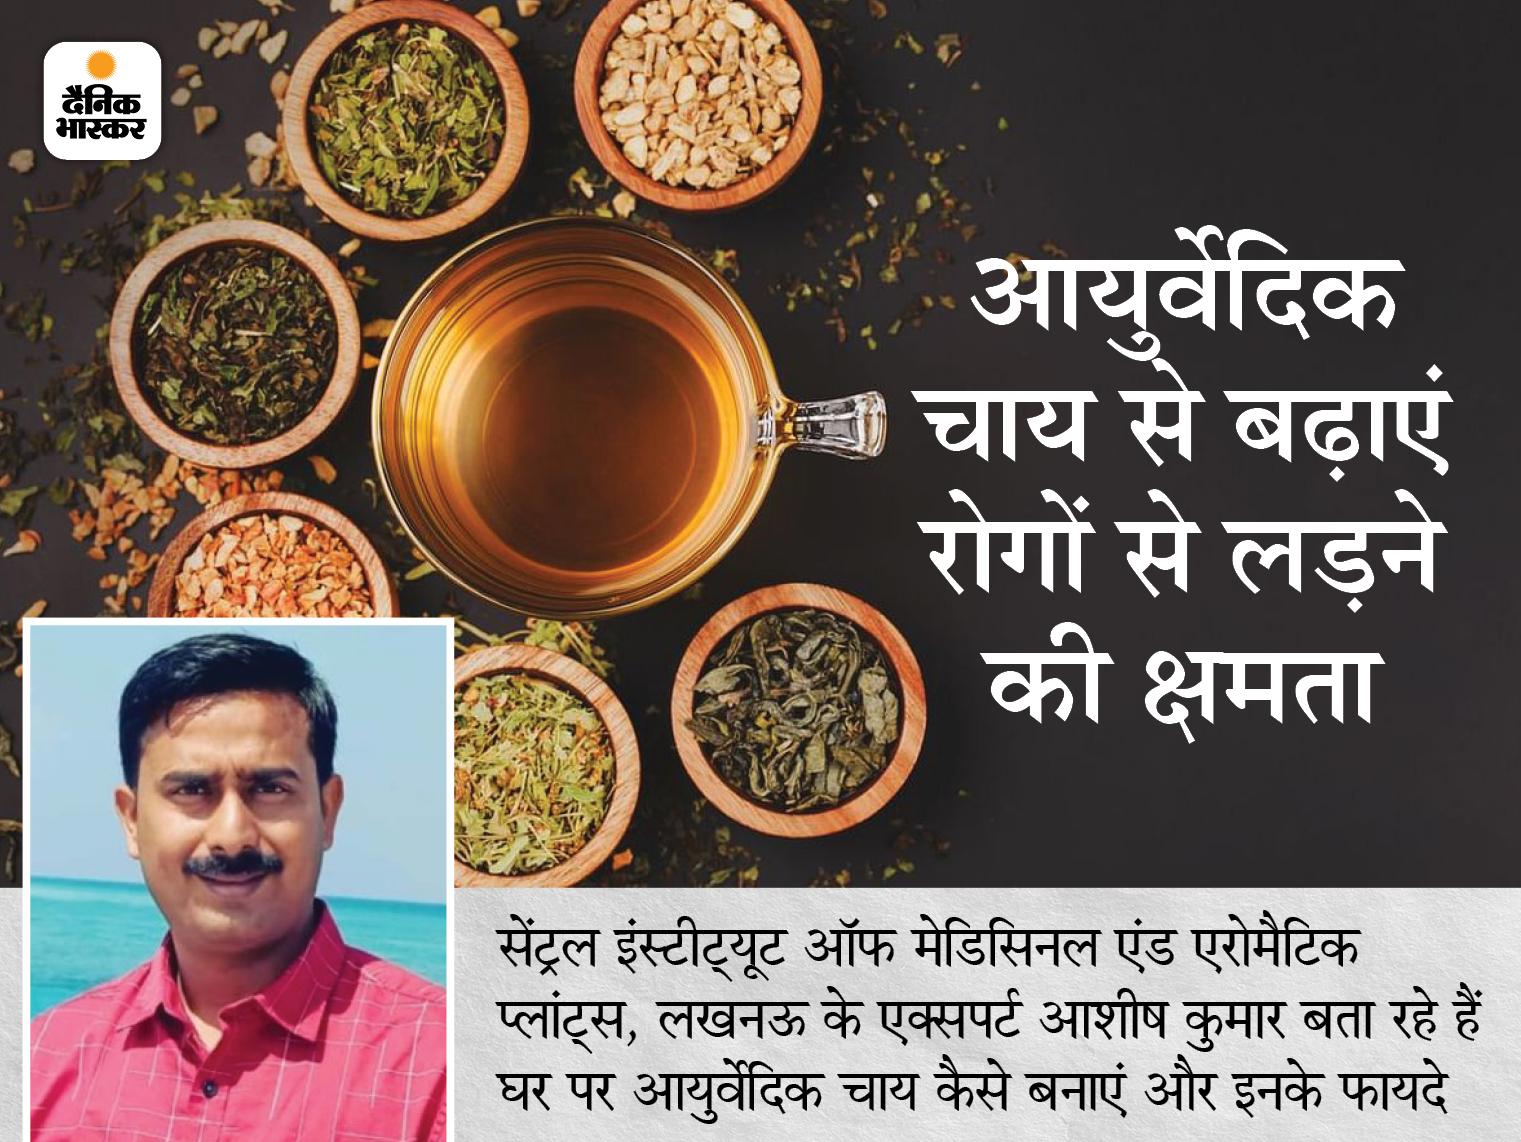 तुलसी की चाय सर्दी, खांसी-जुकाम से राहत देगी, संक्रमण घटाने के लिए पीएं अश्वगंधा की चाय; जानिए रोगों से लड़ने की क्षमता बढ़ाने वाली 4 चाय लाइफ & साइंस,Happy Life - Dainik Bhaskar